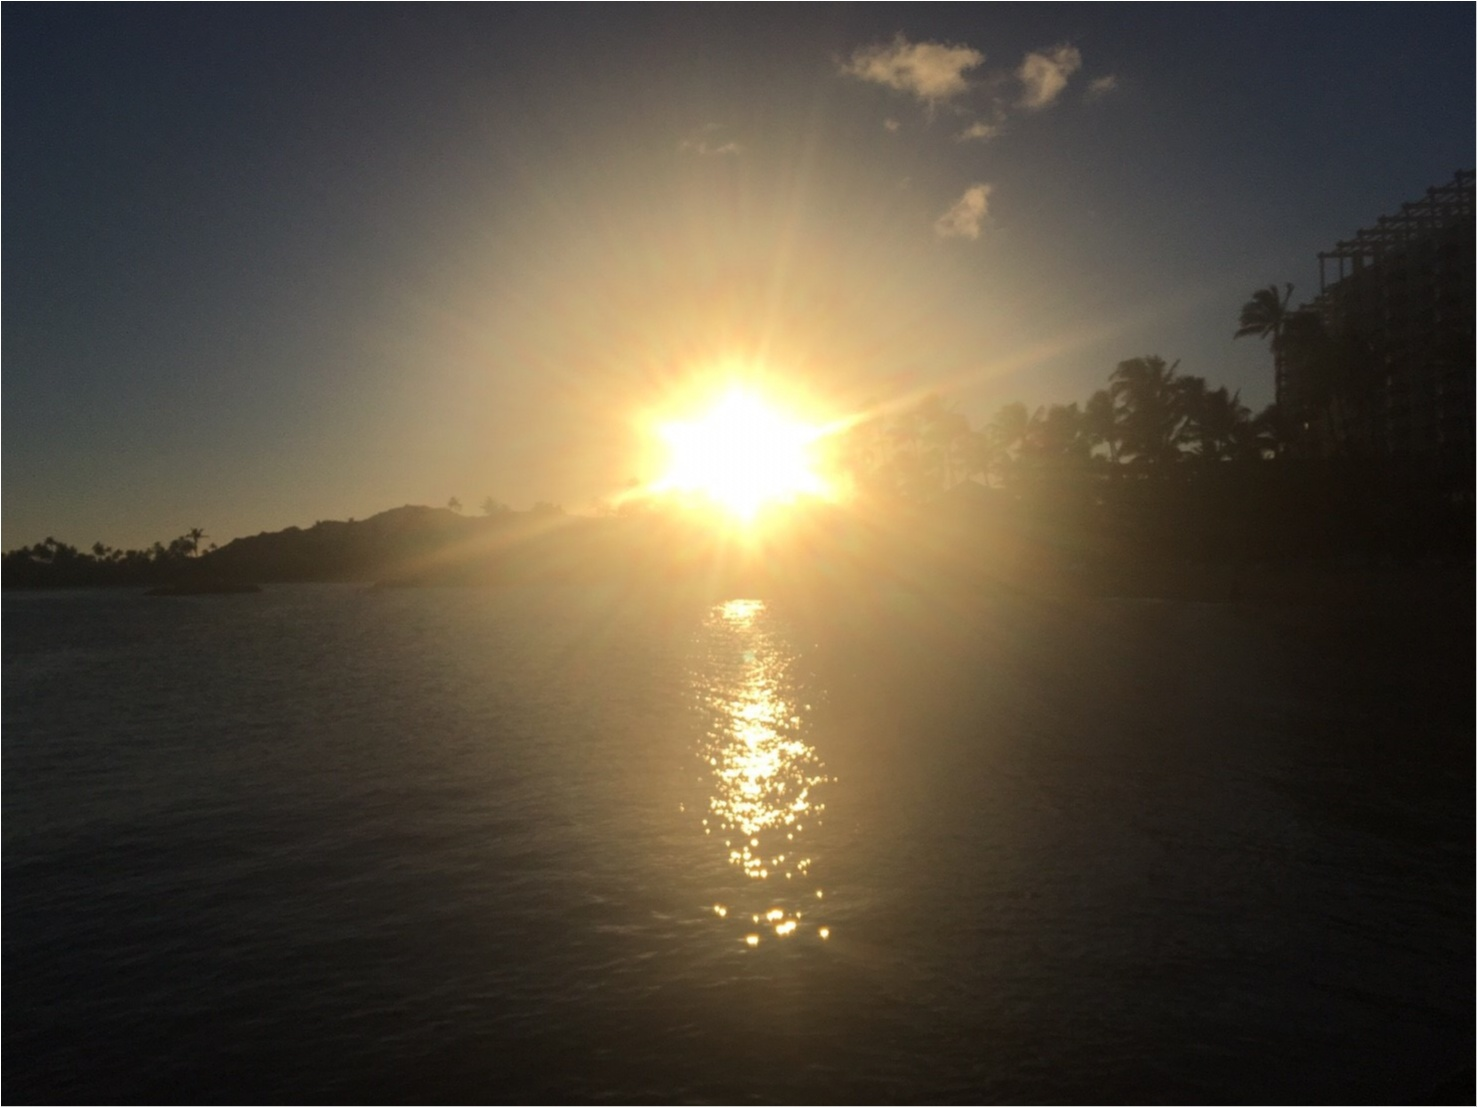 ハワイのフォトジェニックな写真たち。誕生日をハワイで過ごせました!_3